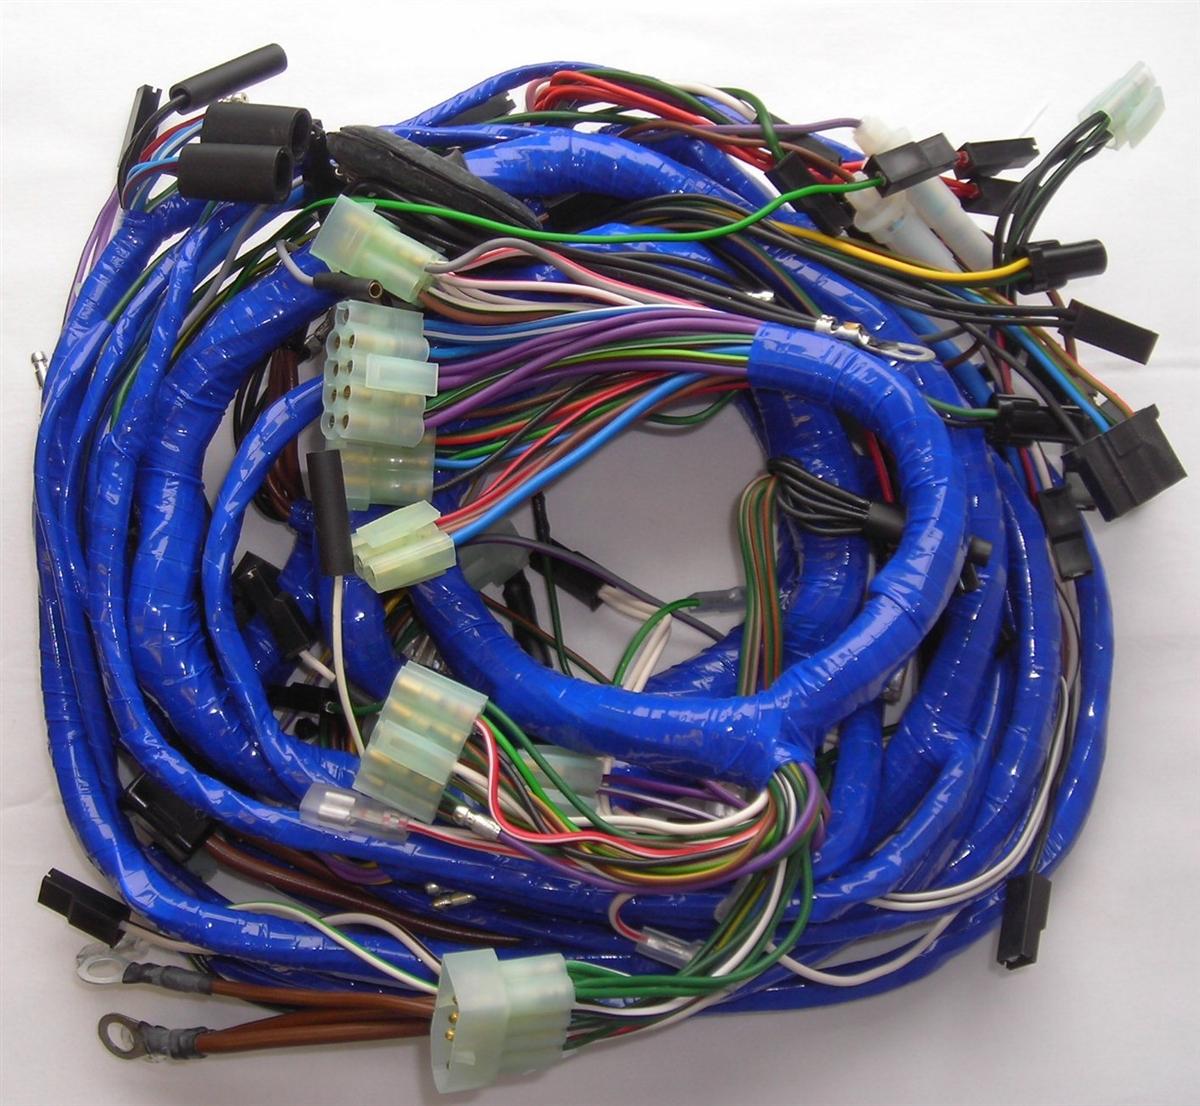 1978 mgb wiring harness wiring diagram mega1978 mgb wiring harness [ 1200 x 1106 Pixel ]